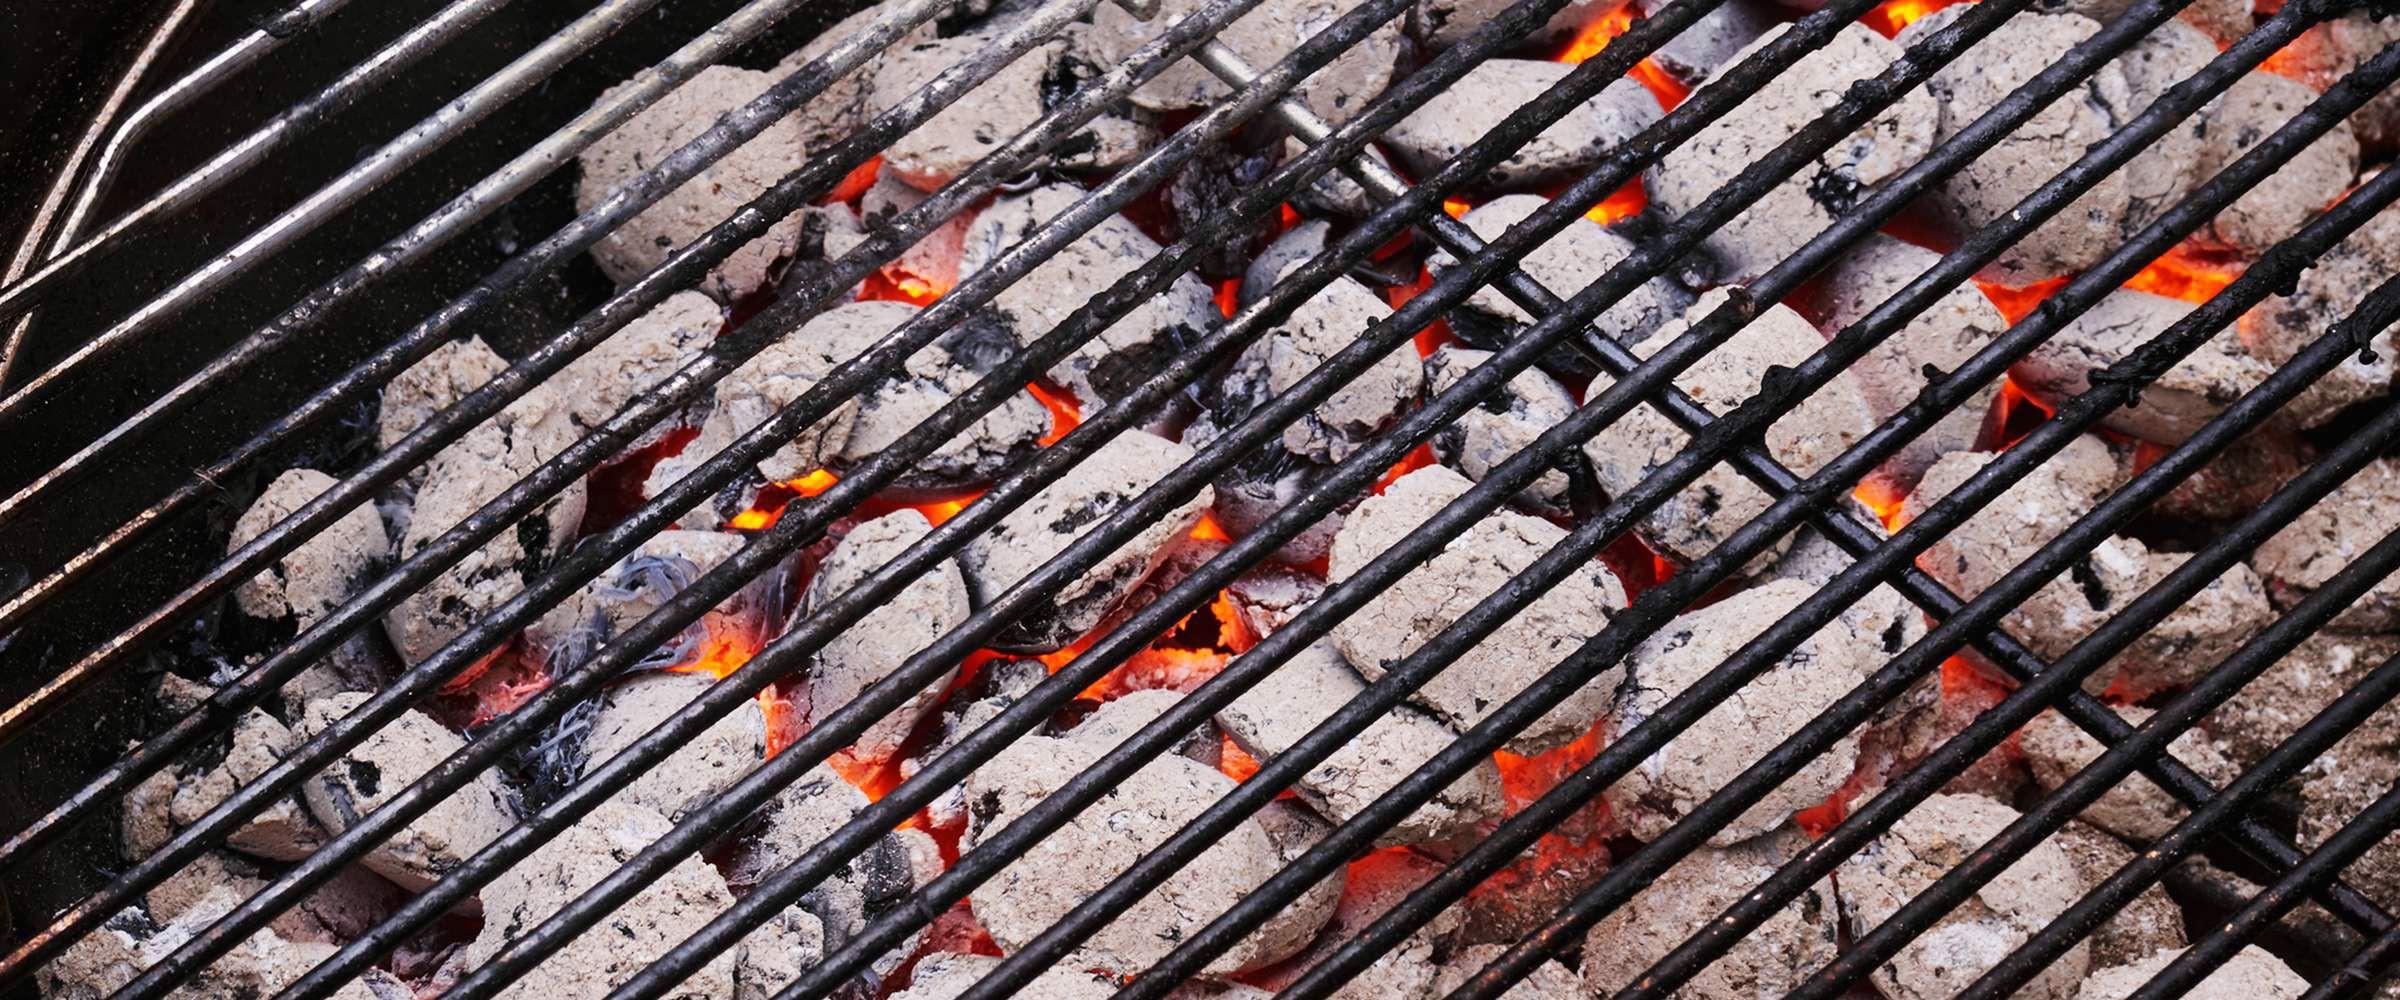 Klotgrill, elgrill eller gasolgrill? Vi hjälper dig välja grill